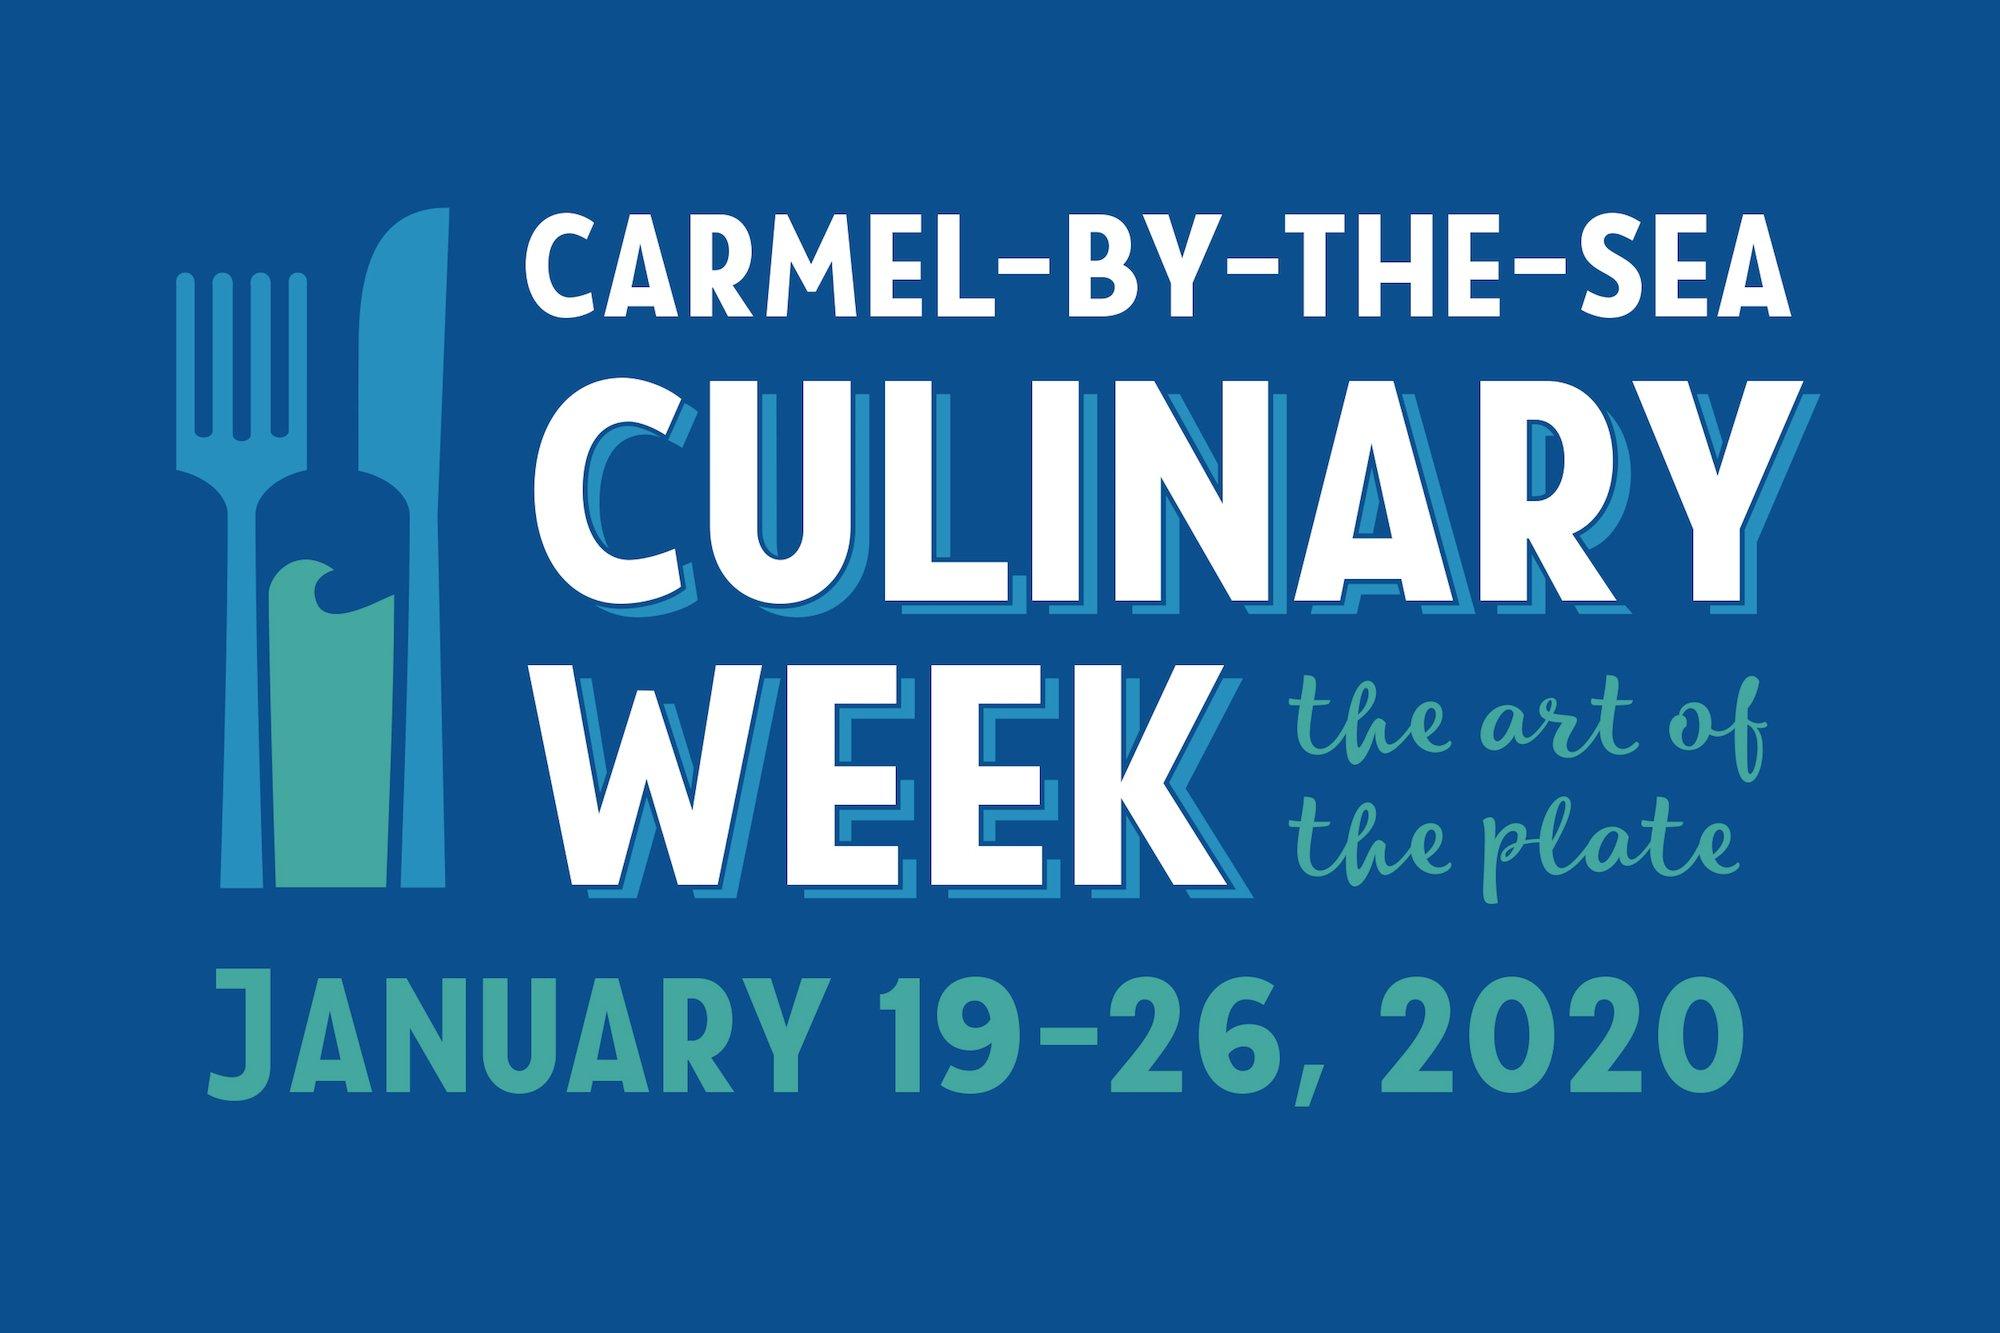 Carmel Culinary Week